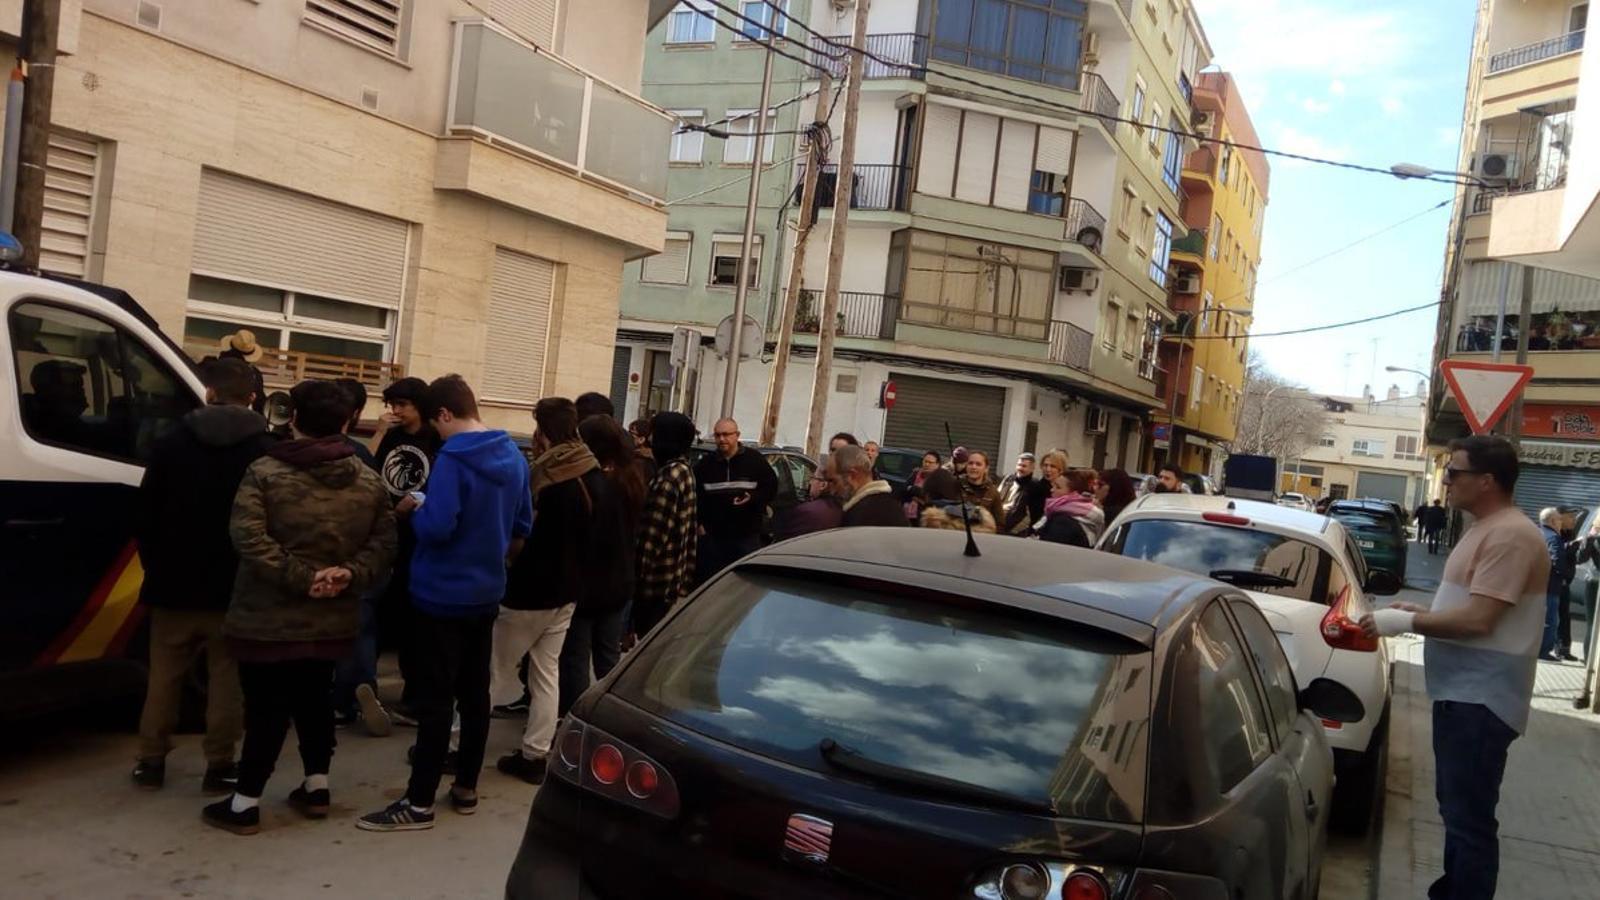 Imatge dels veïns i els activistes fora de l'habitatge del carrer Onofre de Palma.